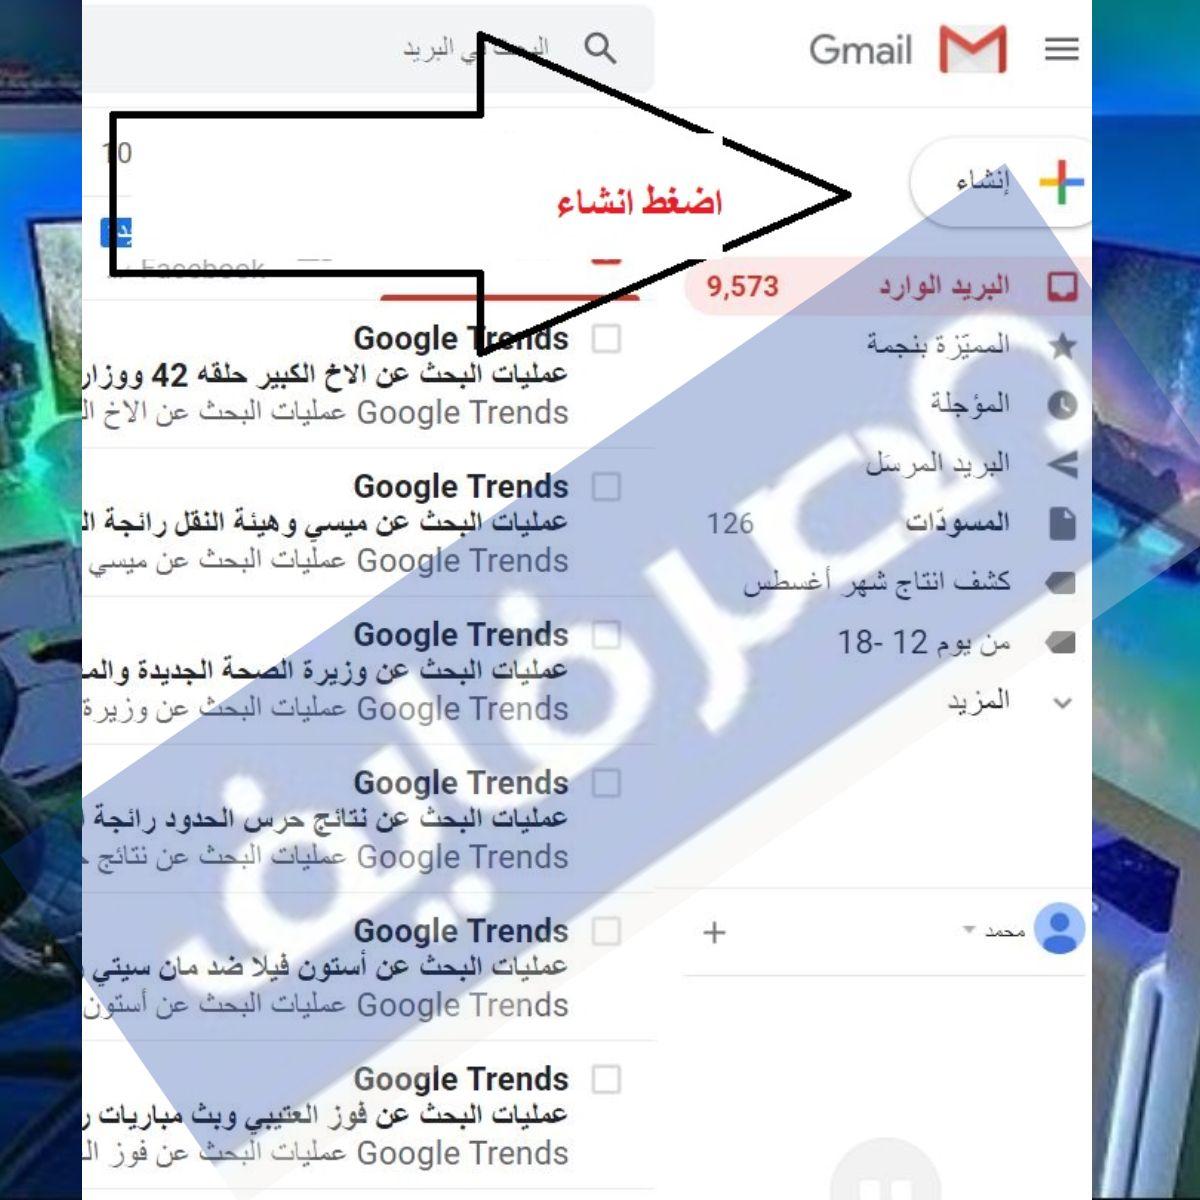 صور واتس 2020 أجمل صور مكتوب عليها حكم واتس اب عبارات واتس اب حزينة 58 1